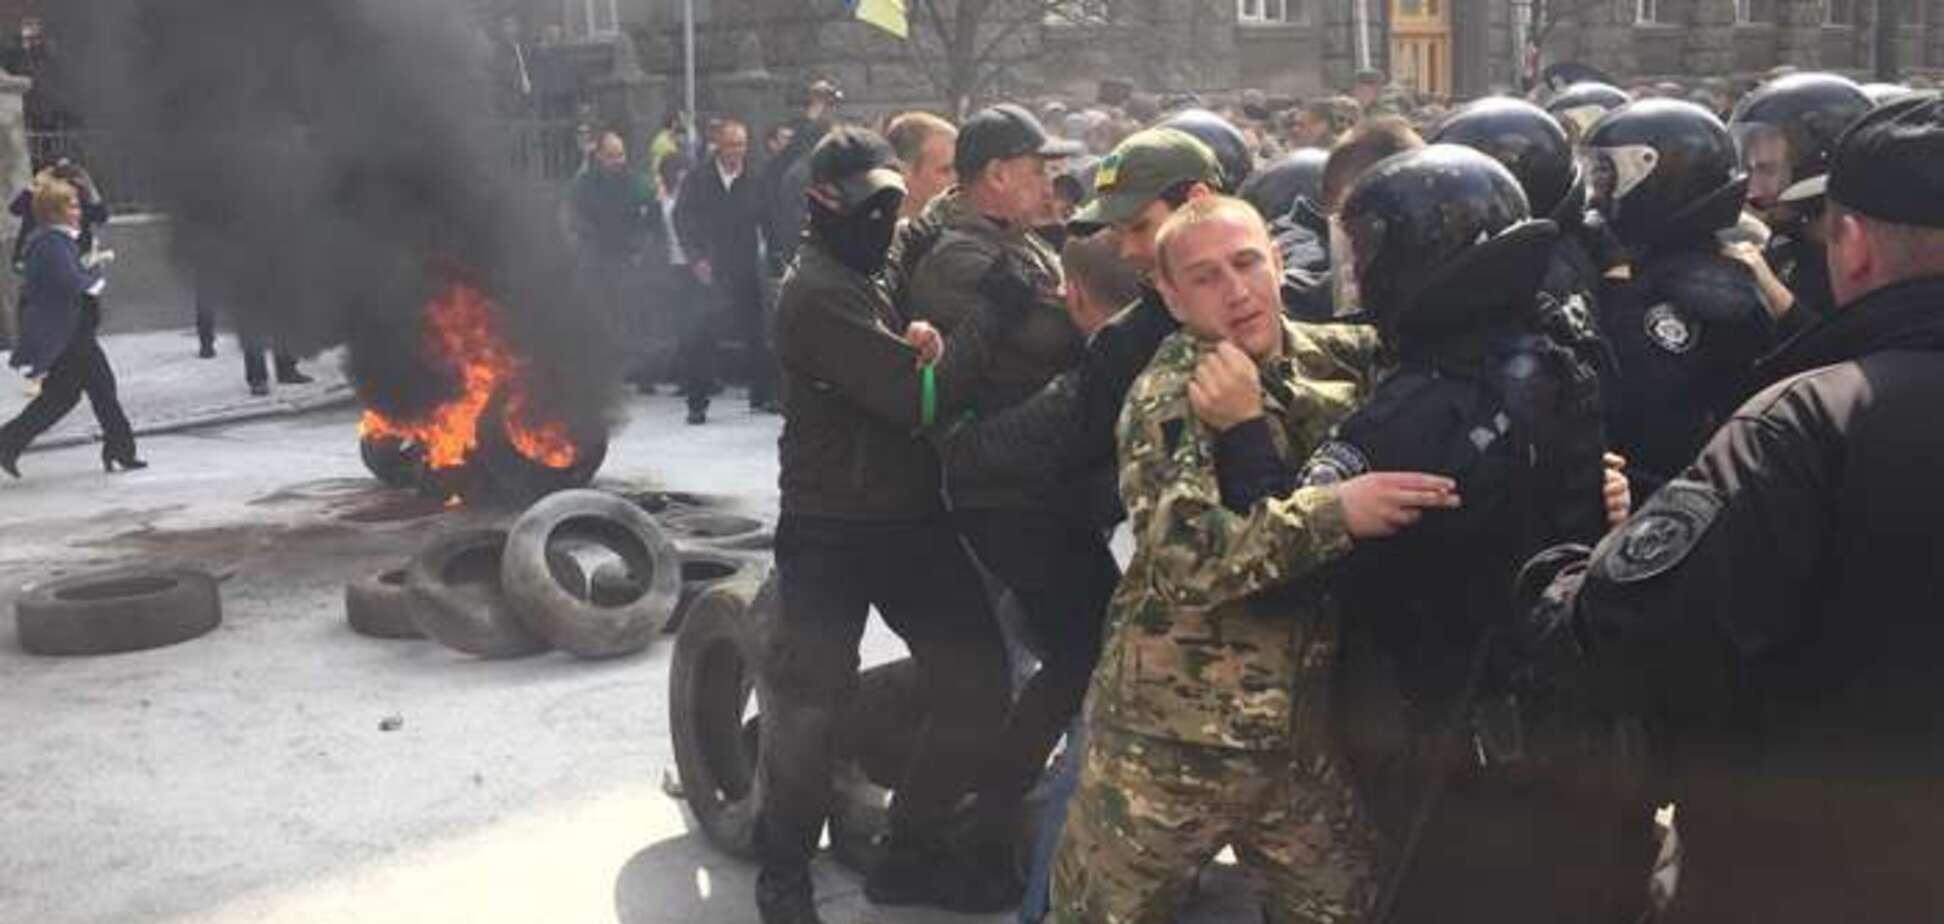 Сын Януковича и известный ведущий хотели устроить беспорядки в Киеве - СБУ